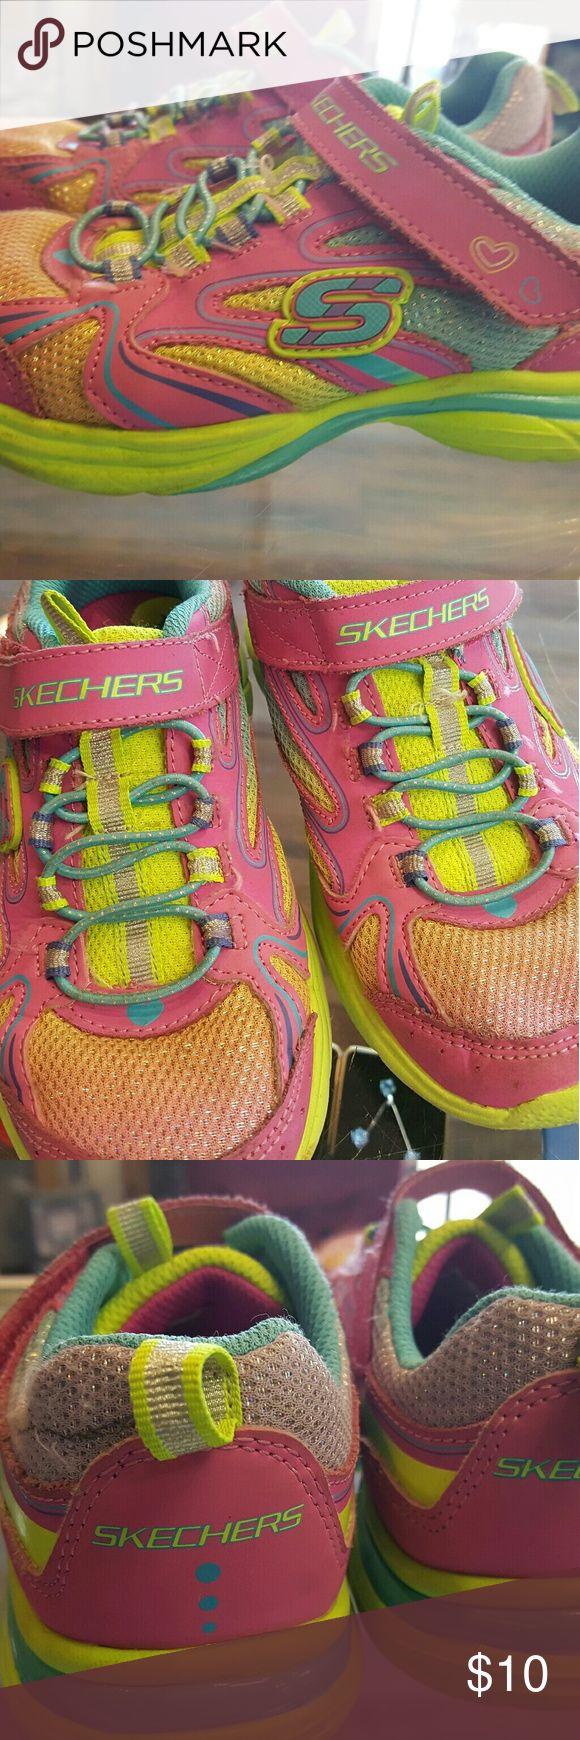 Sketchers sneakers Sketchers sneakers lightly used Skechers Shoes Sneakers